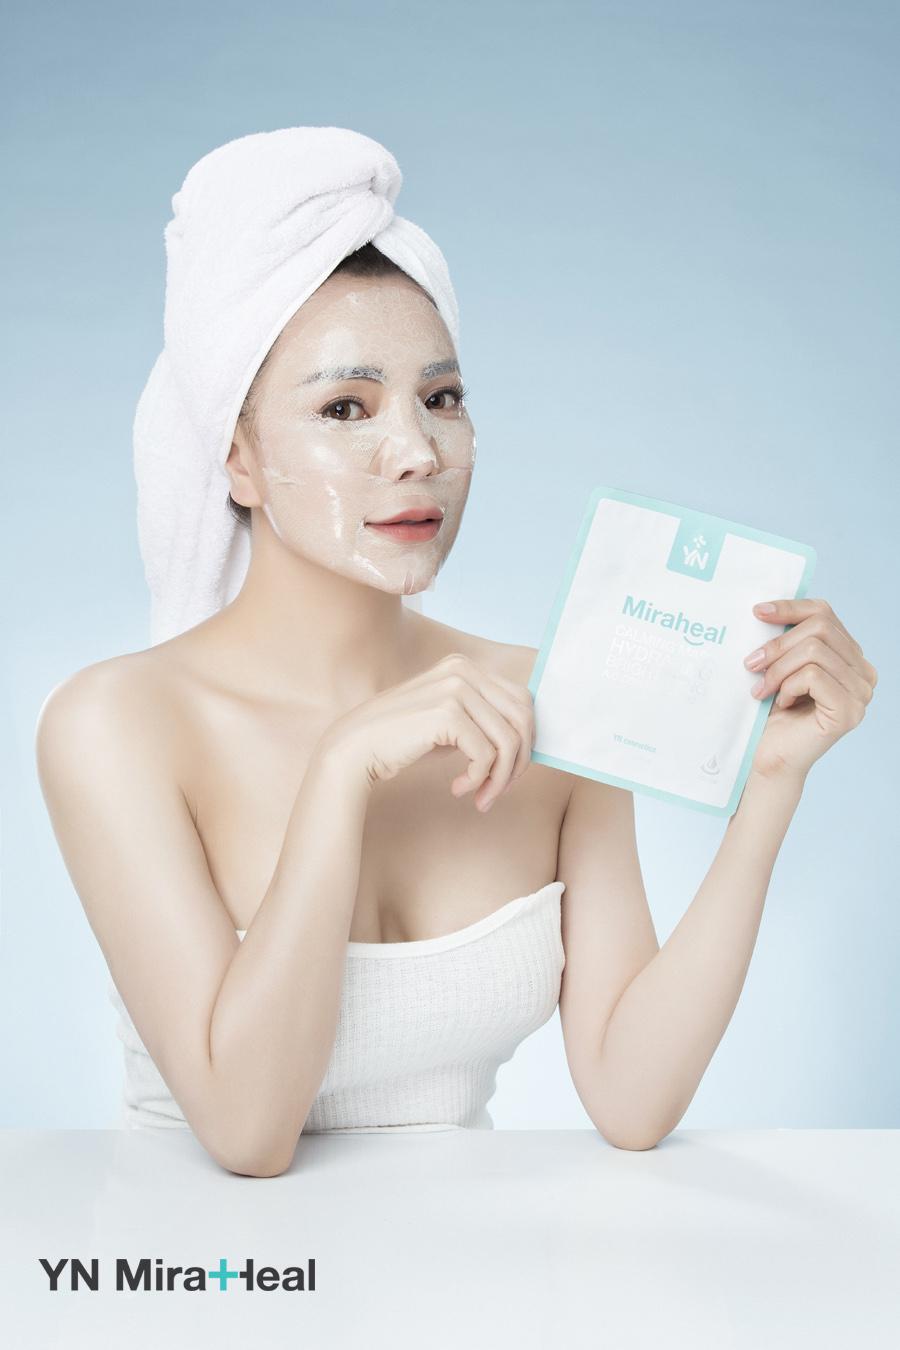 Các loại mặt nạ dưỡng da thích hợp nhất sử dụng vào buổi tối